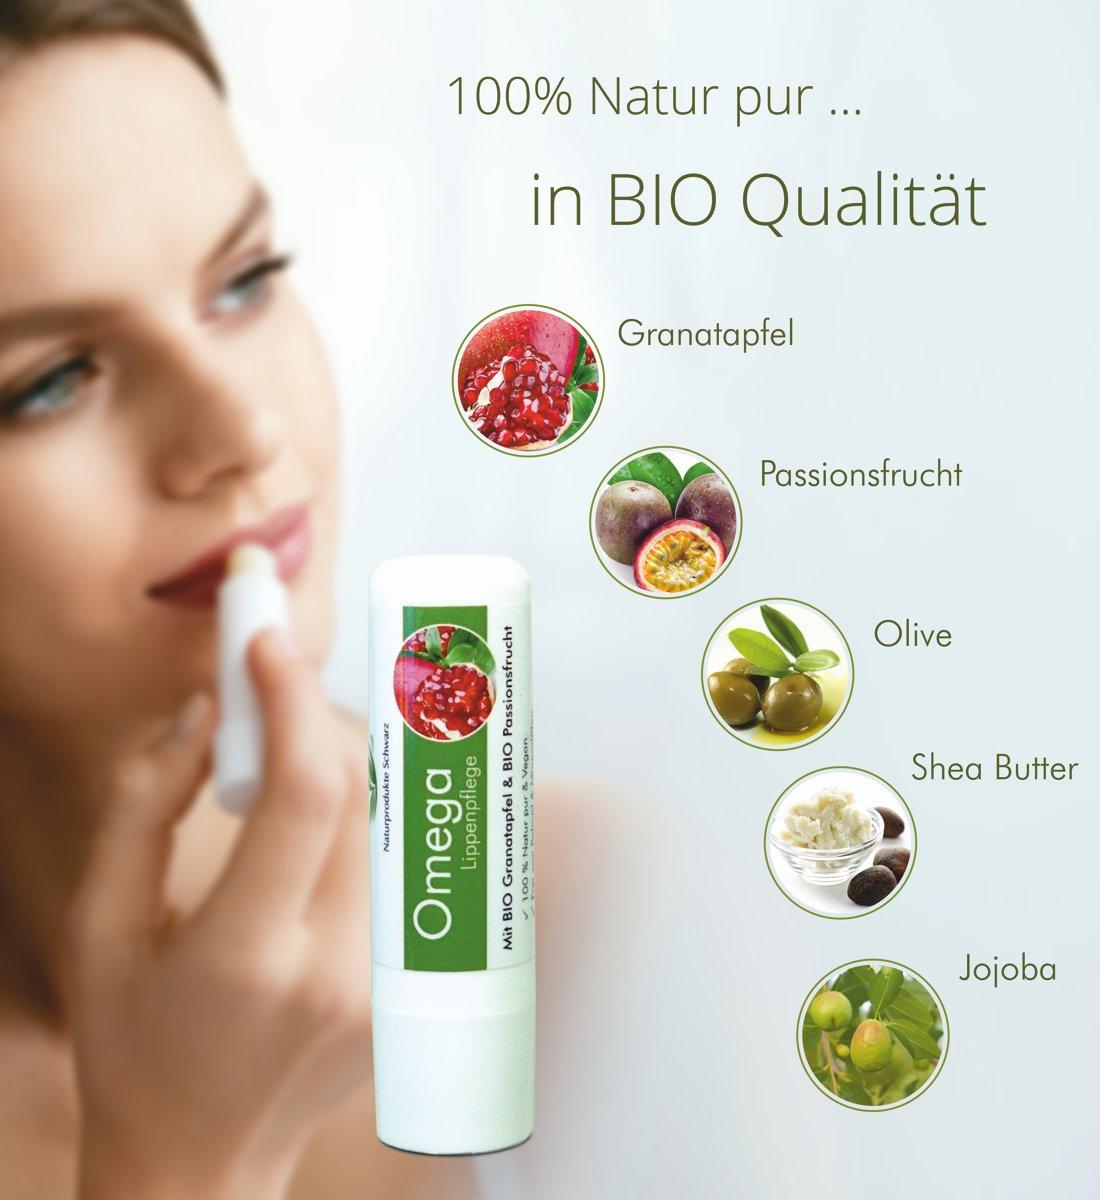 nps-omega-lippenpflege-natur-pur